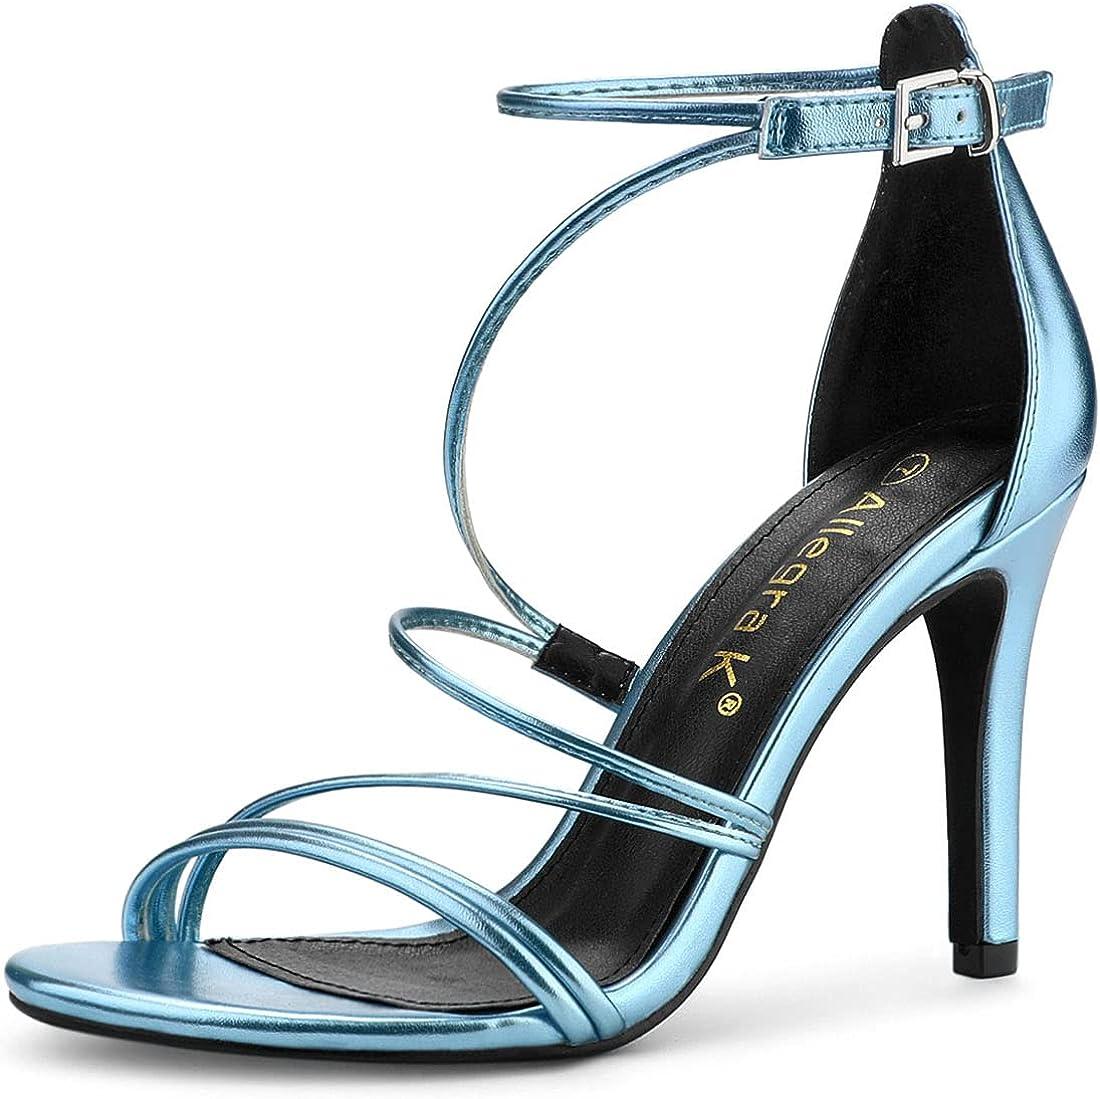 Lowest price challenge Allegra K Women's Party Max 70% OFF Strappy Sandals Stiletto Heels High